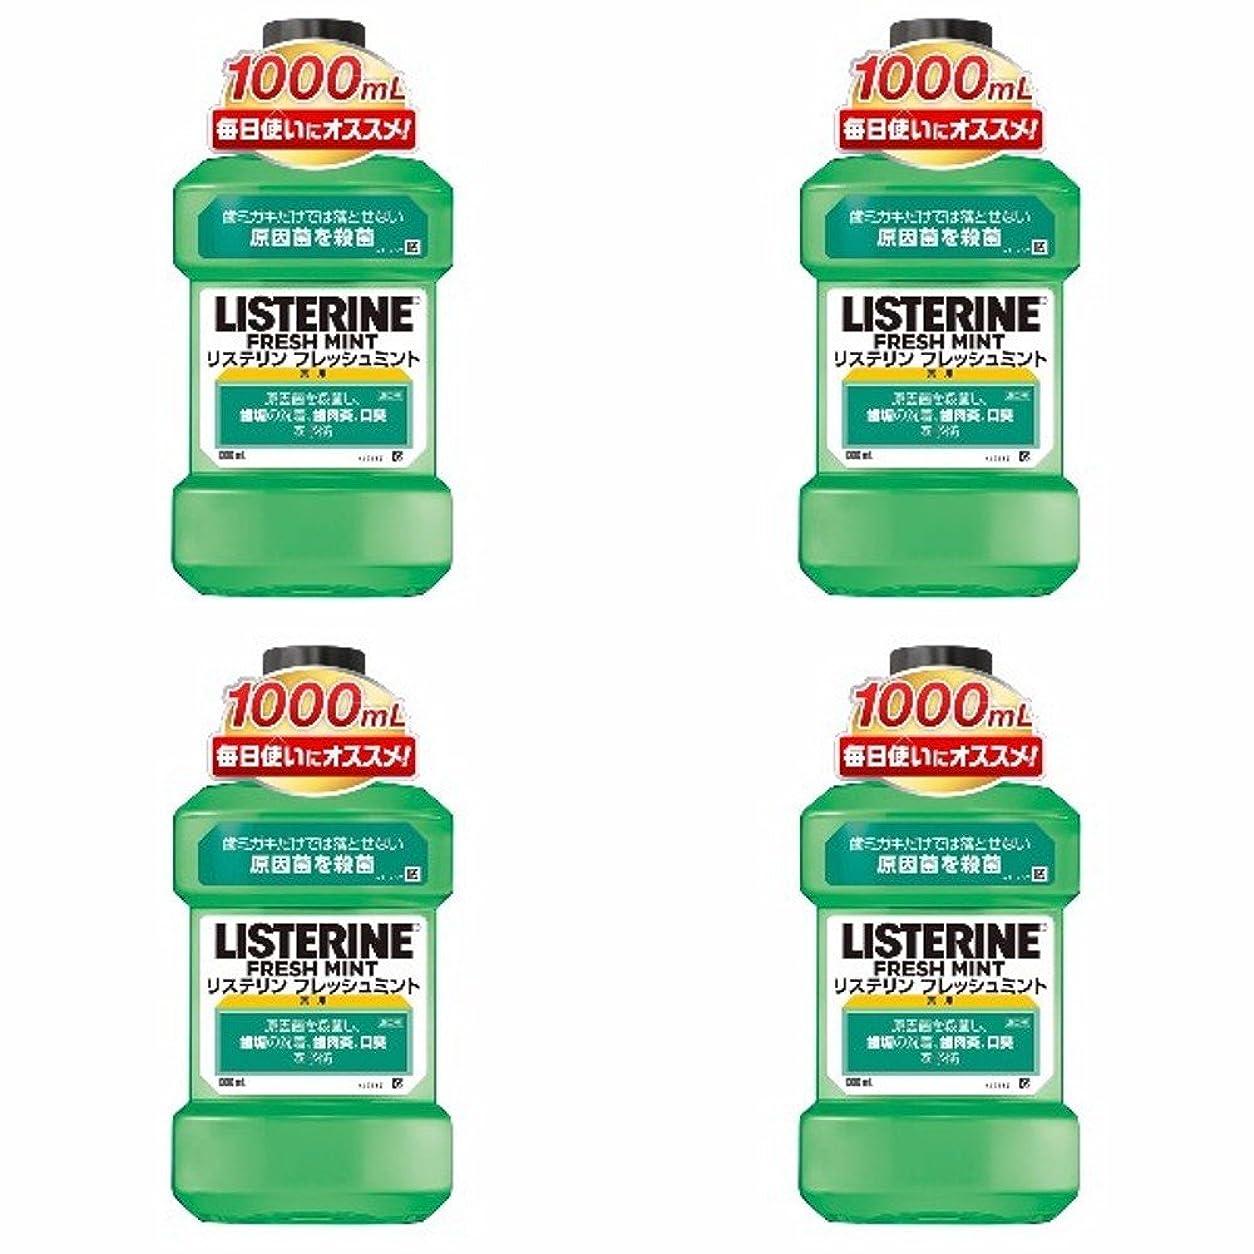 フォージ悩む悲劇的な【まとめ買い】薬用 LISTERINE リステリン フレッシュミント 1000ml×4個